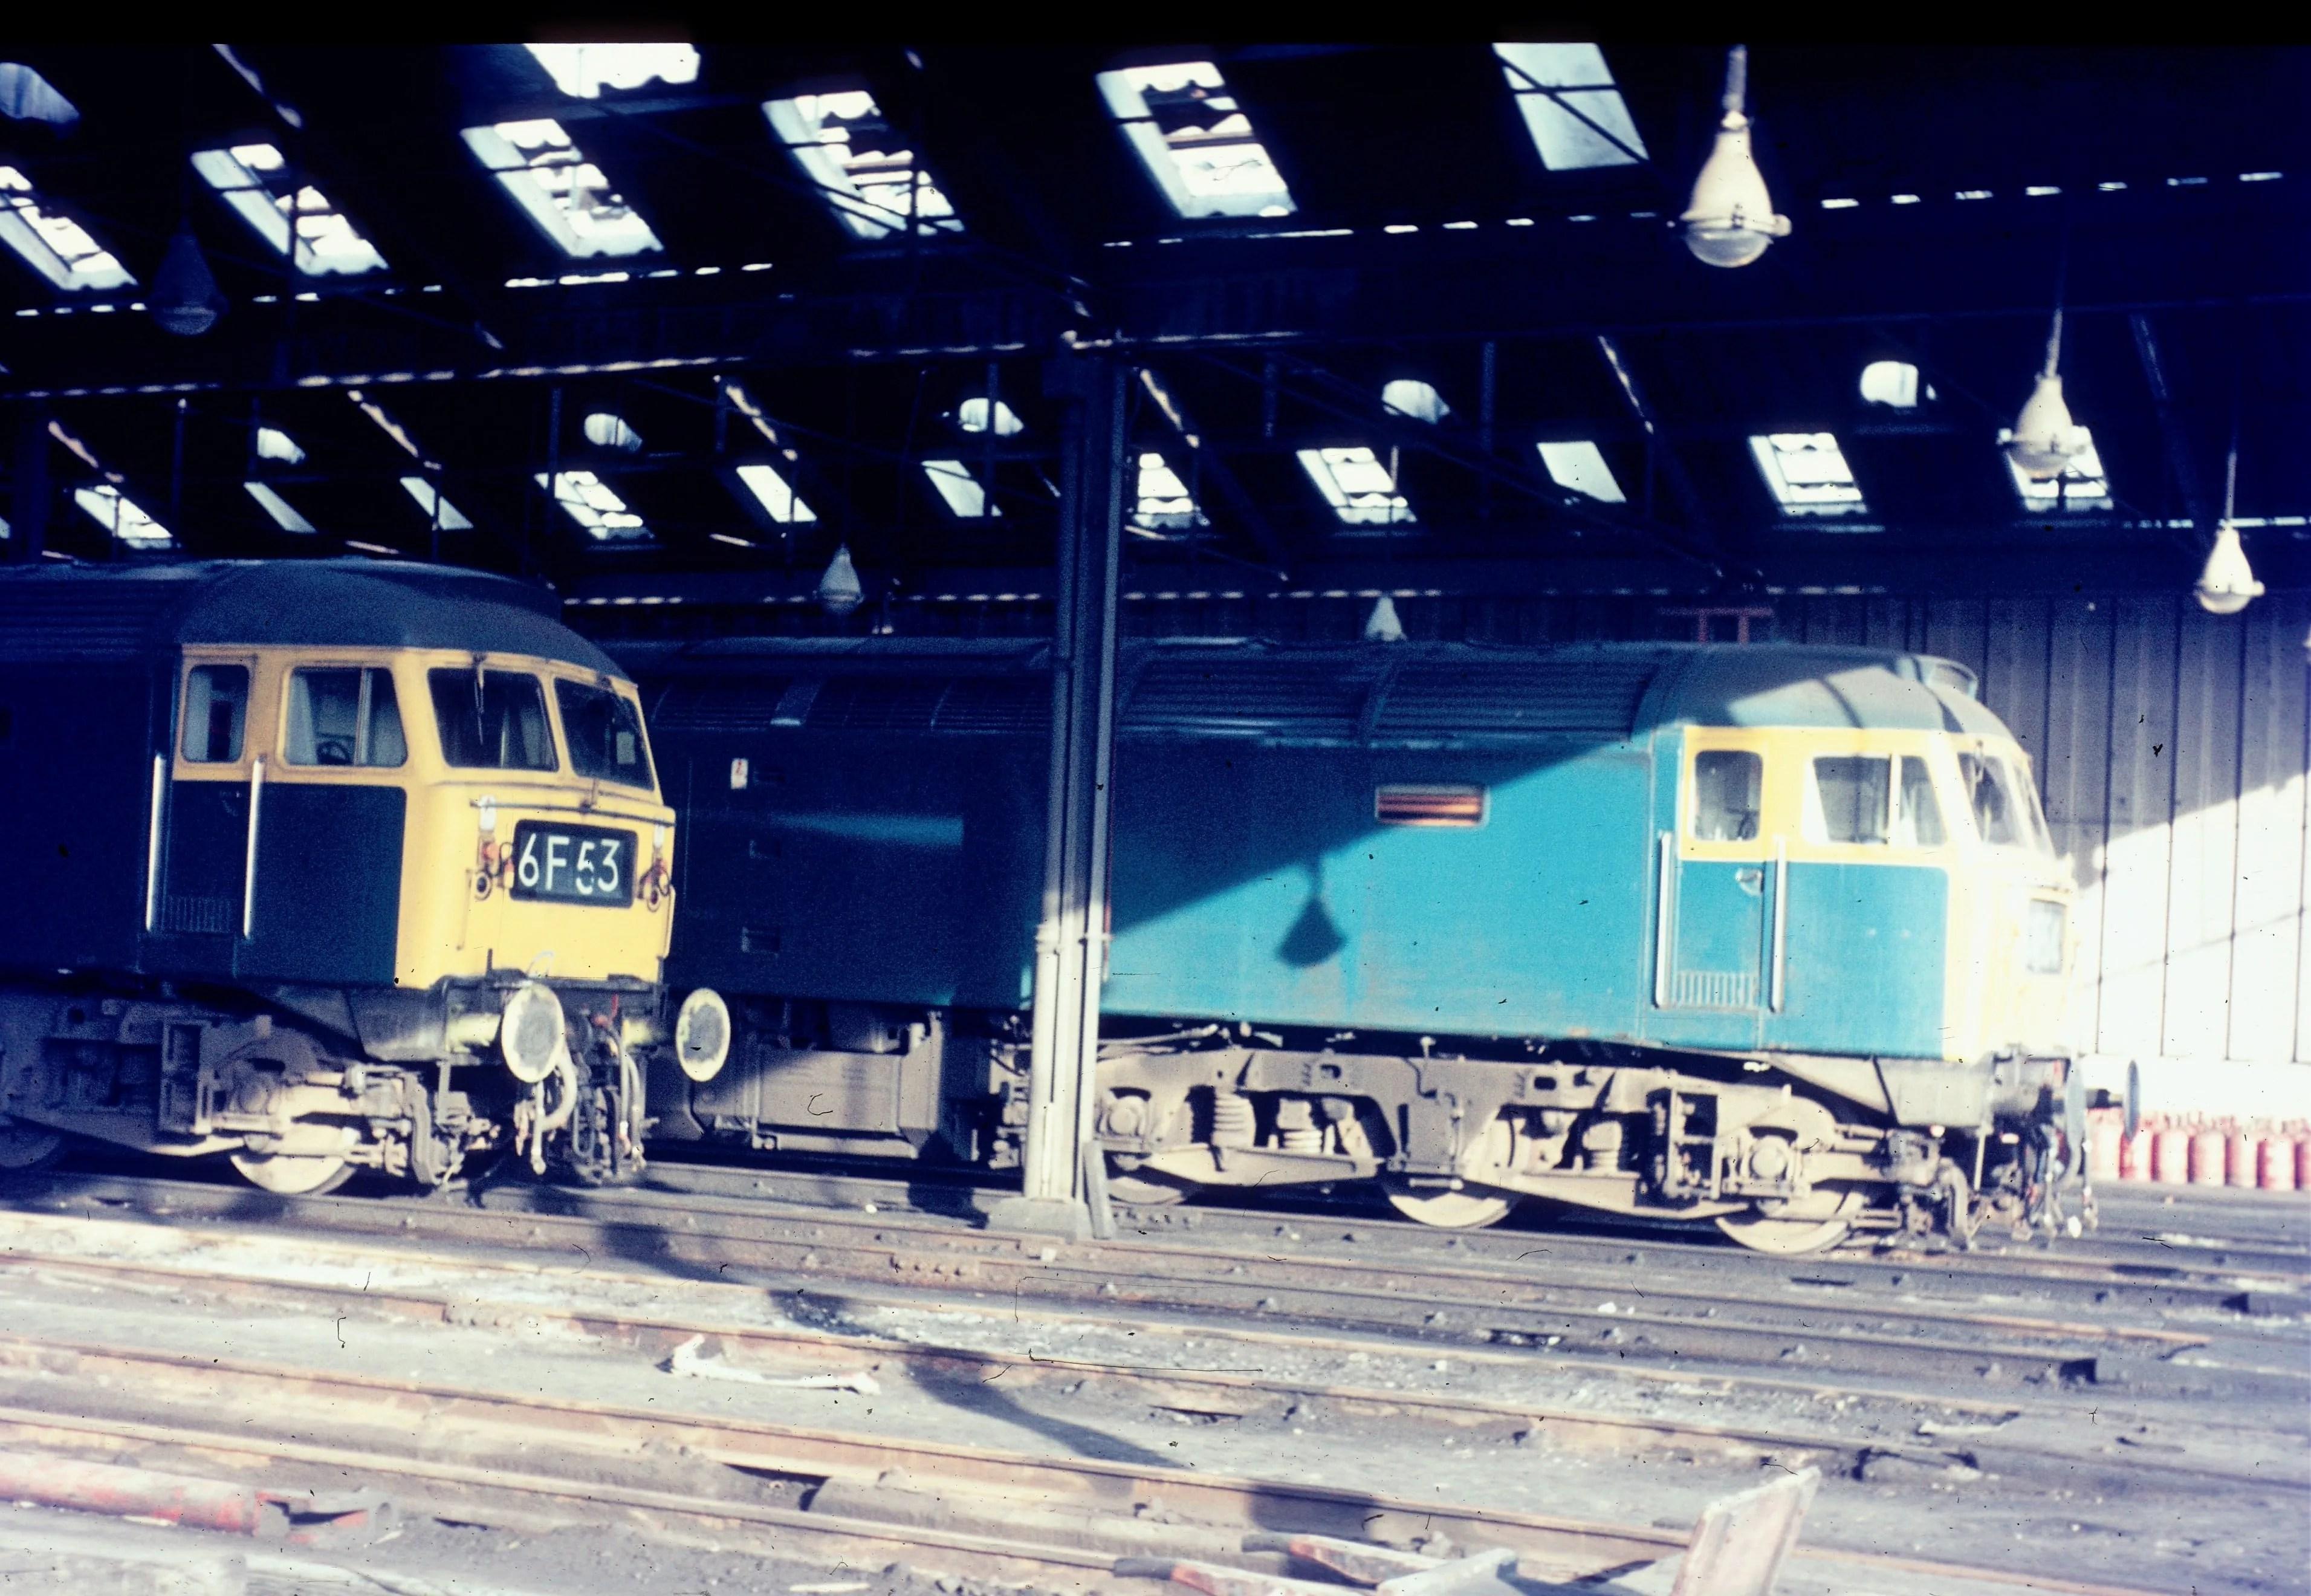 Pair of Class47s diesel locomotives at Polmadie depot